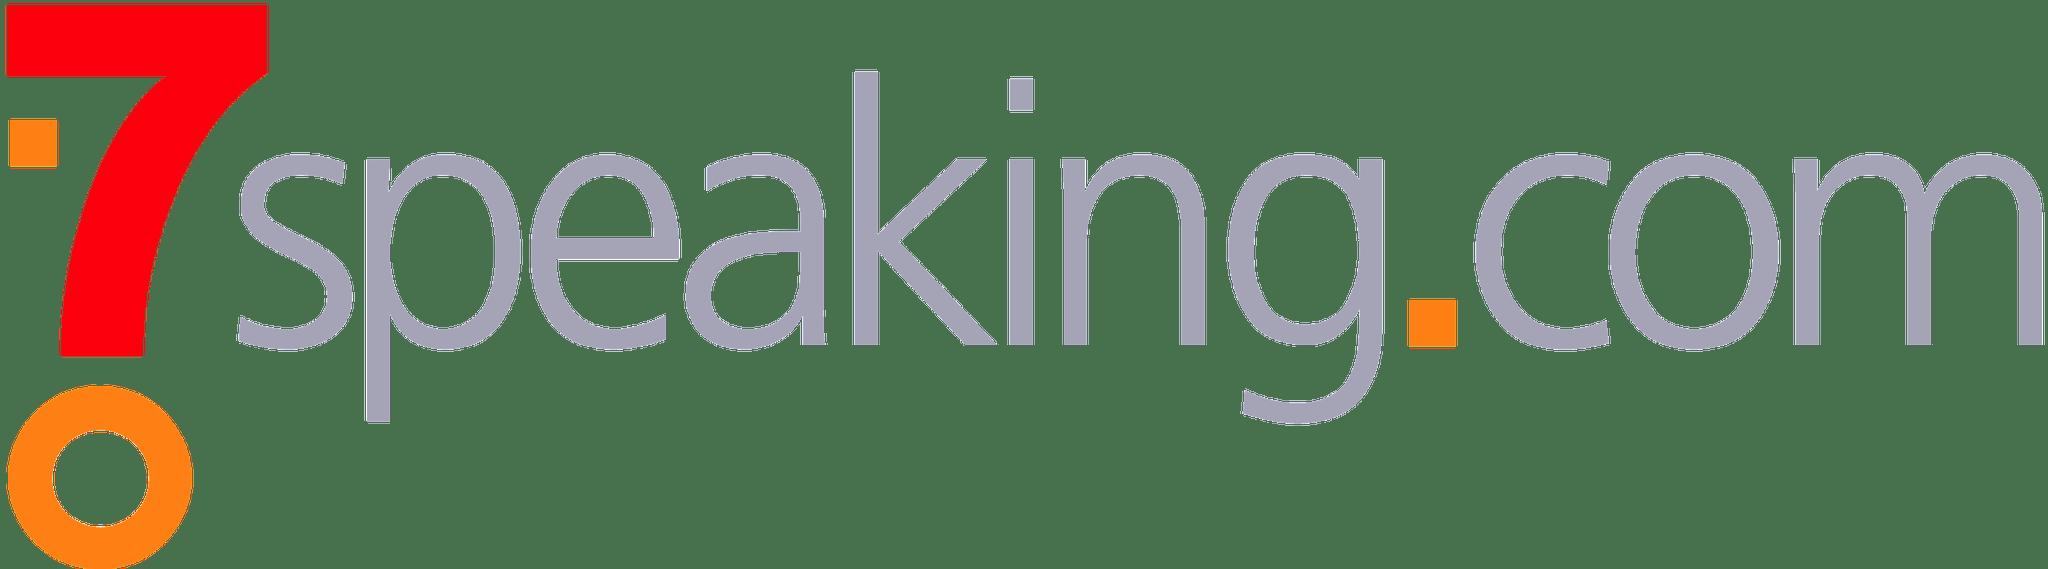 7speaking.com